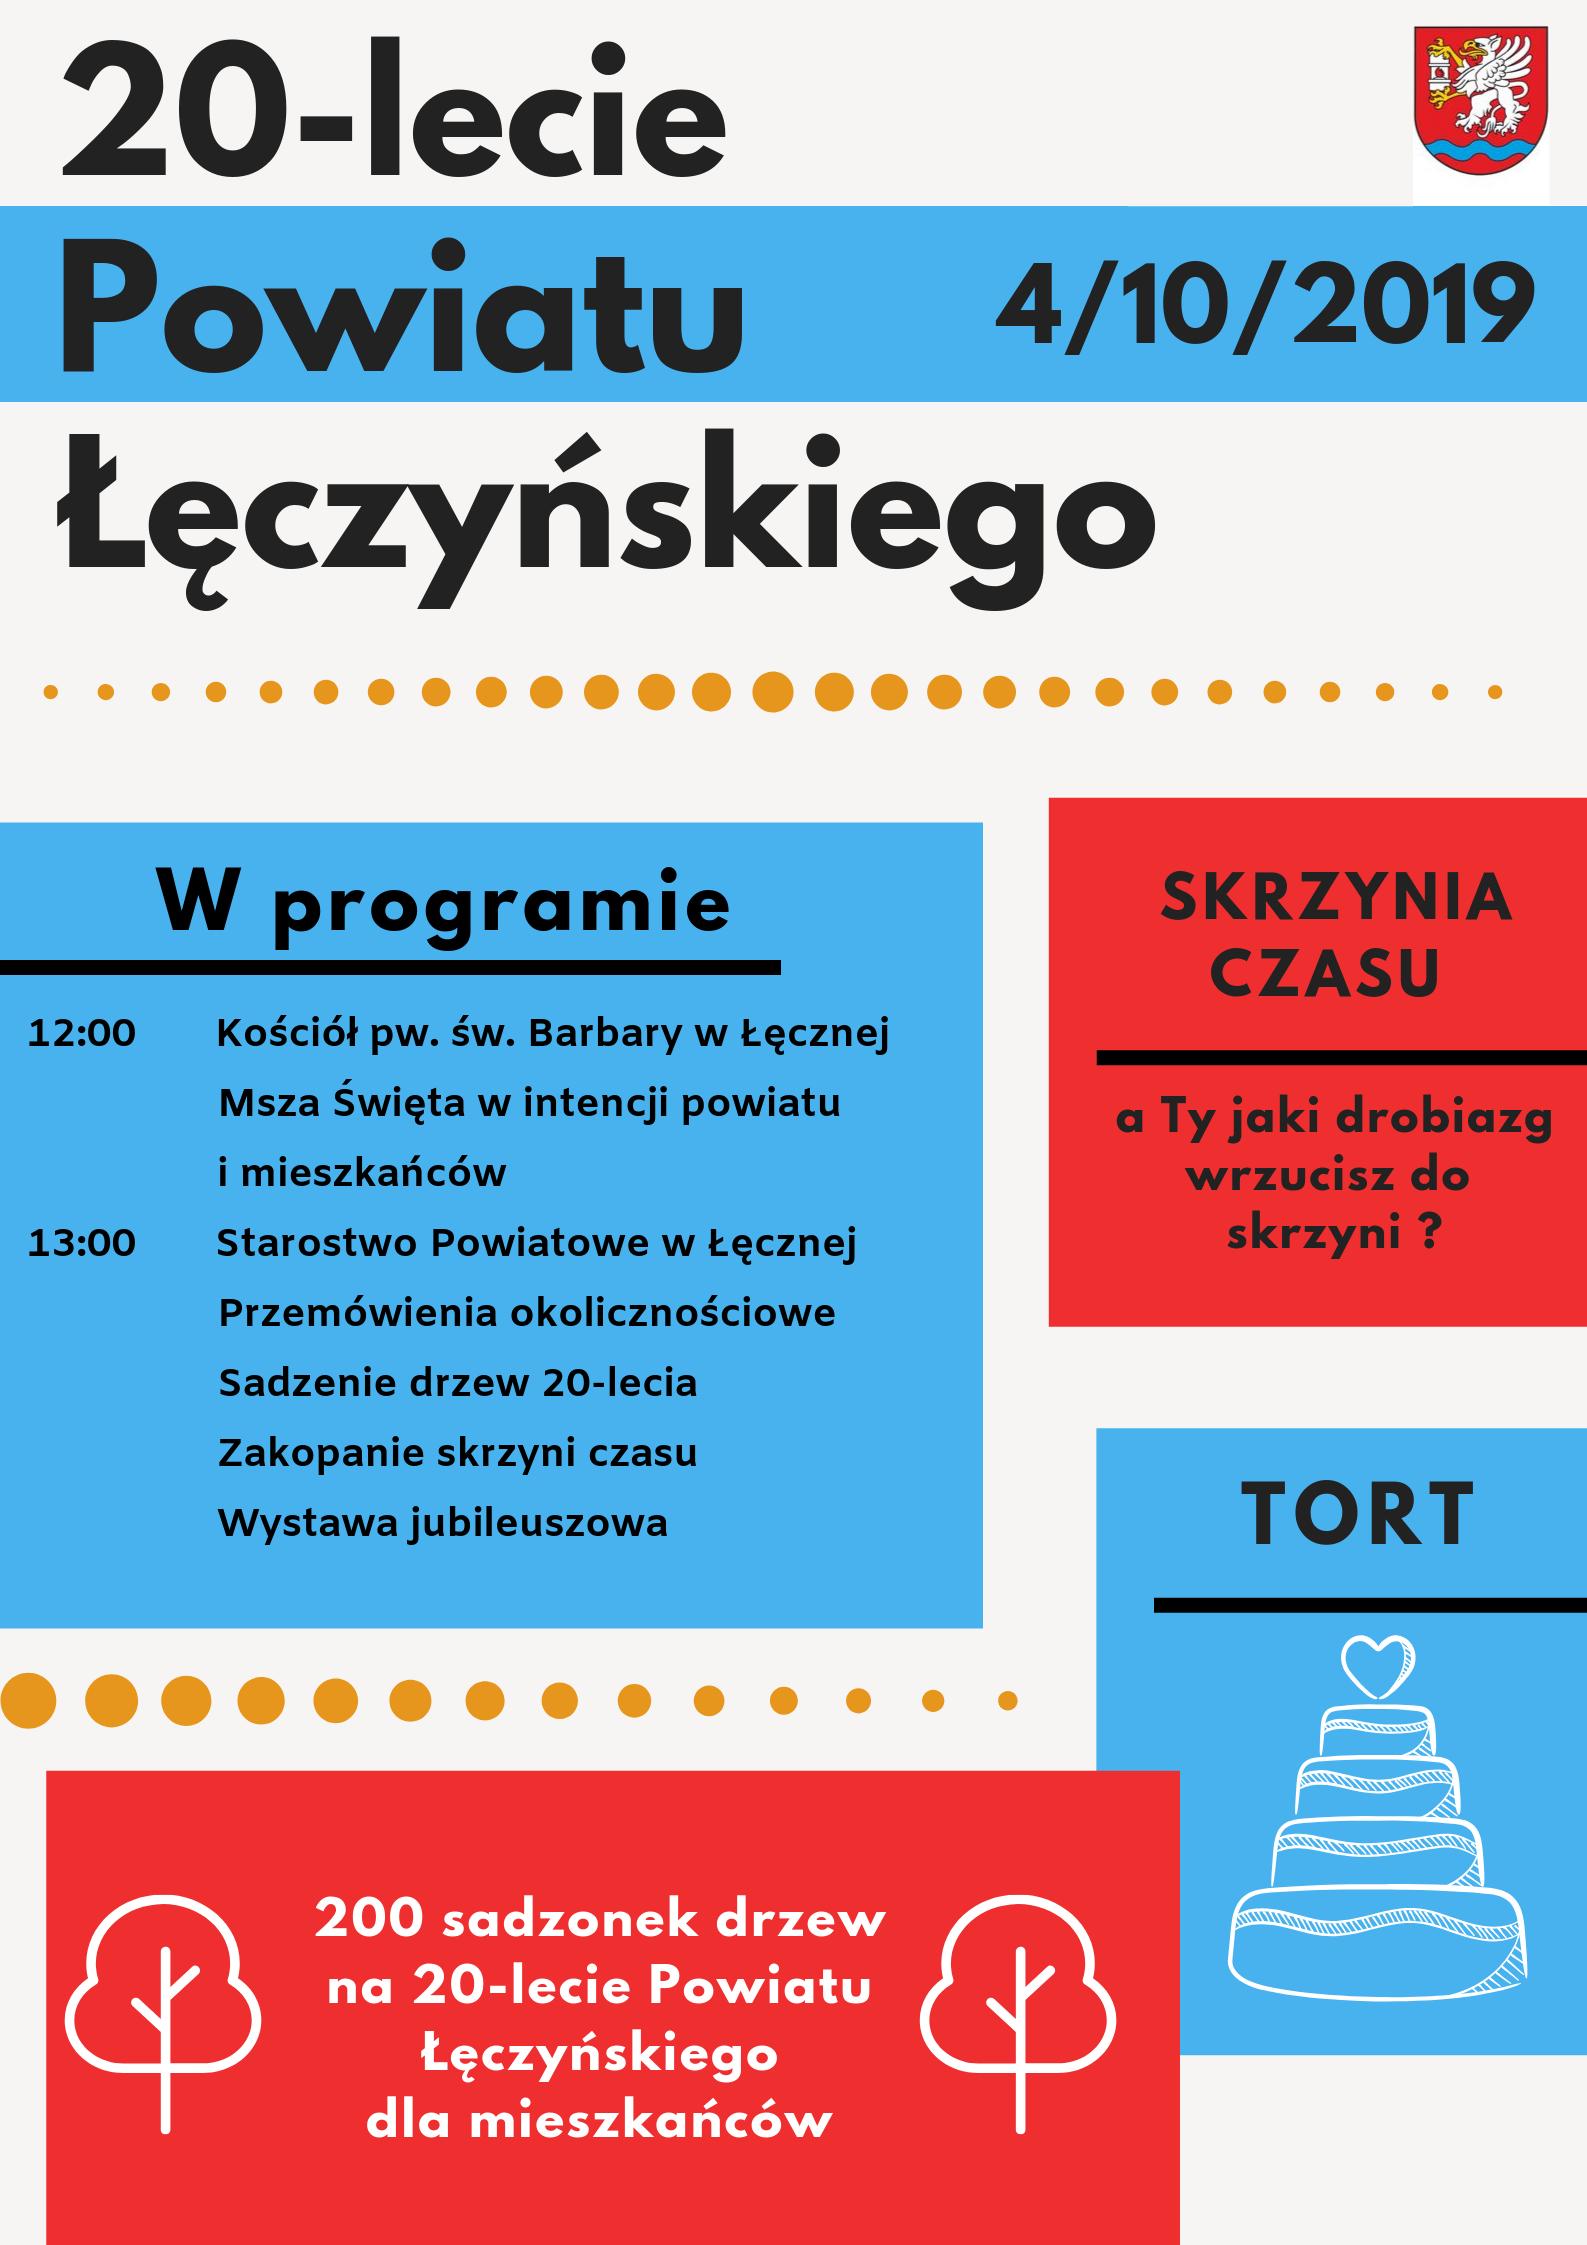 Kopia 20-lecie Powiatu czyskiegopng